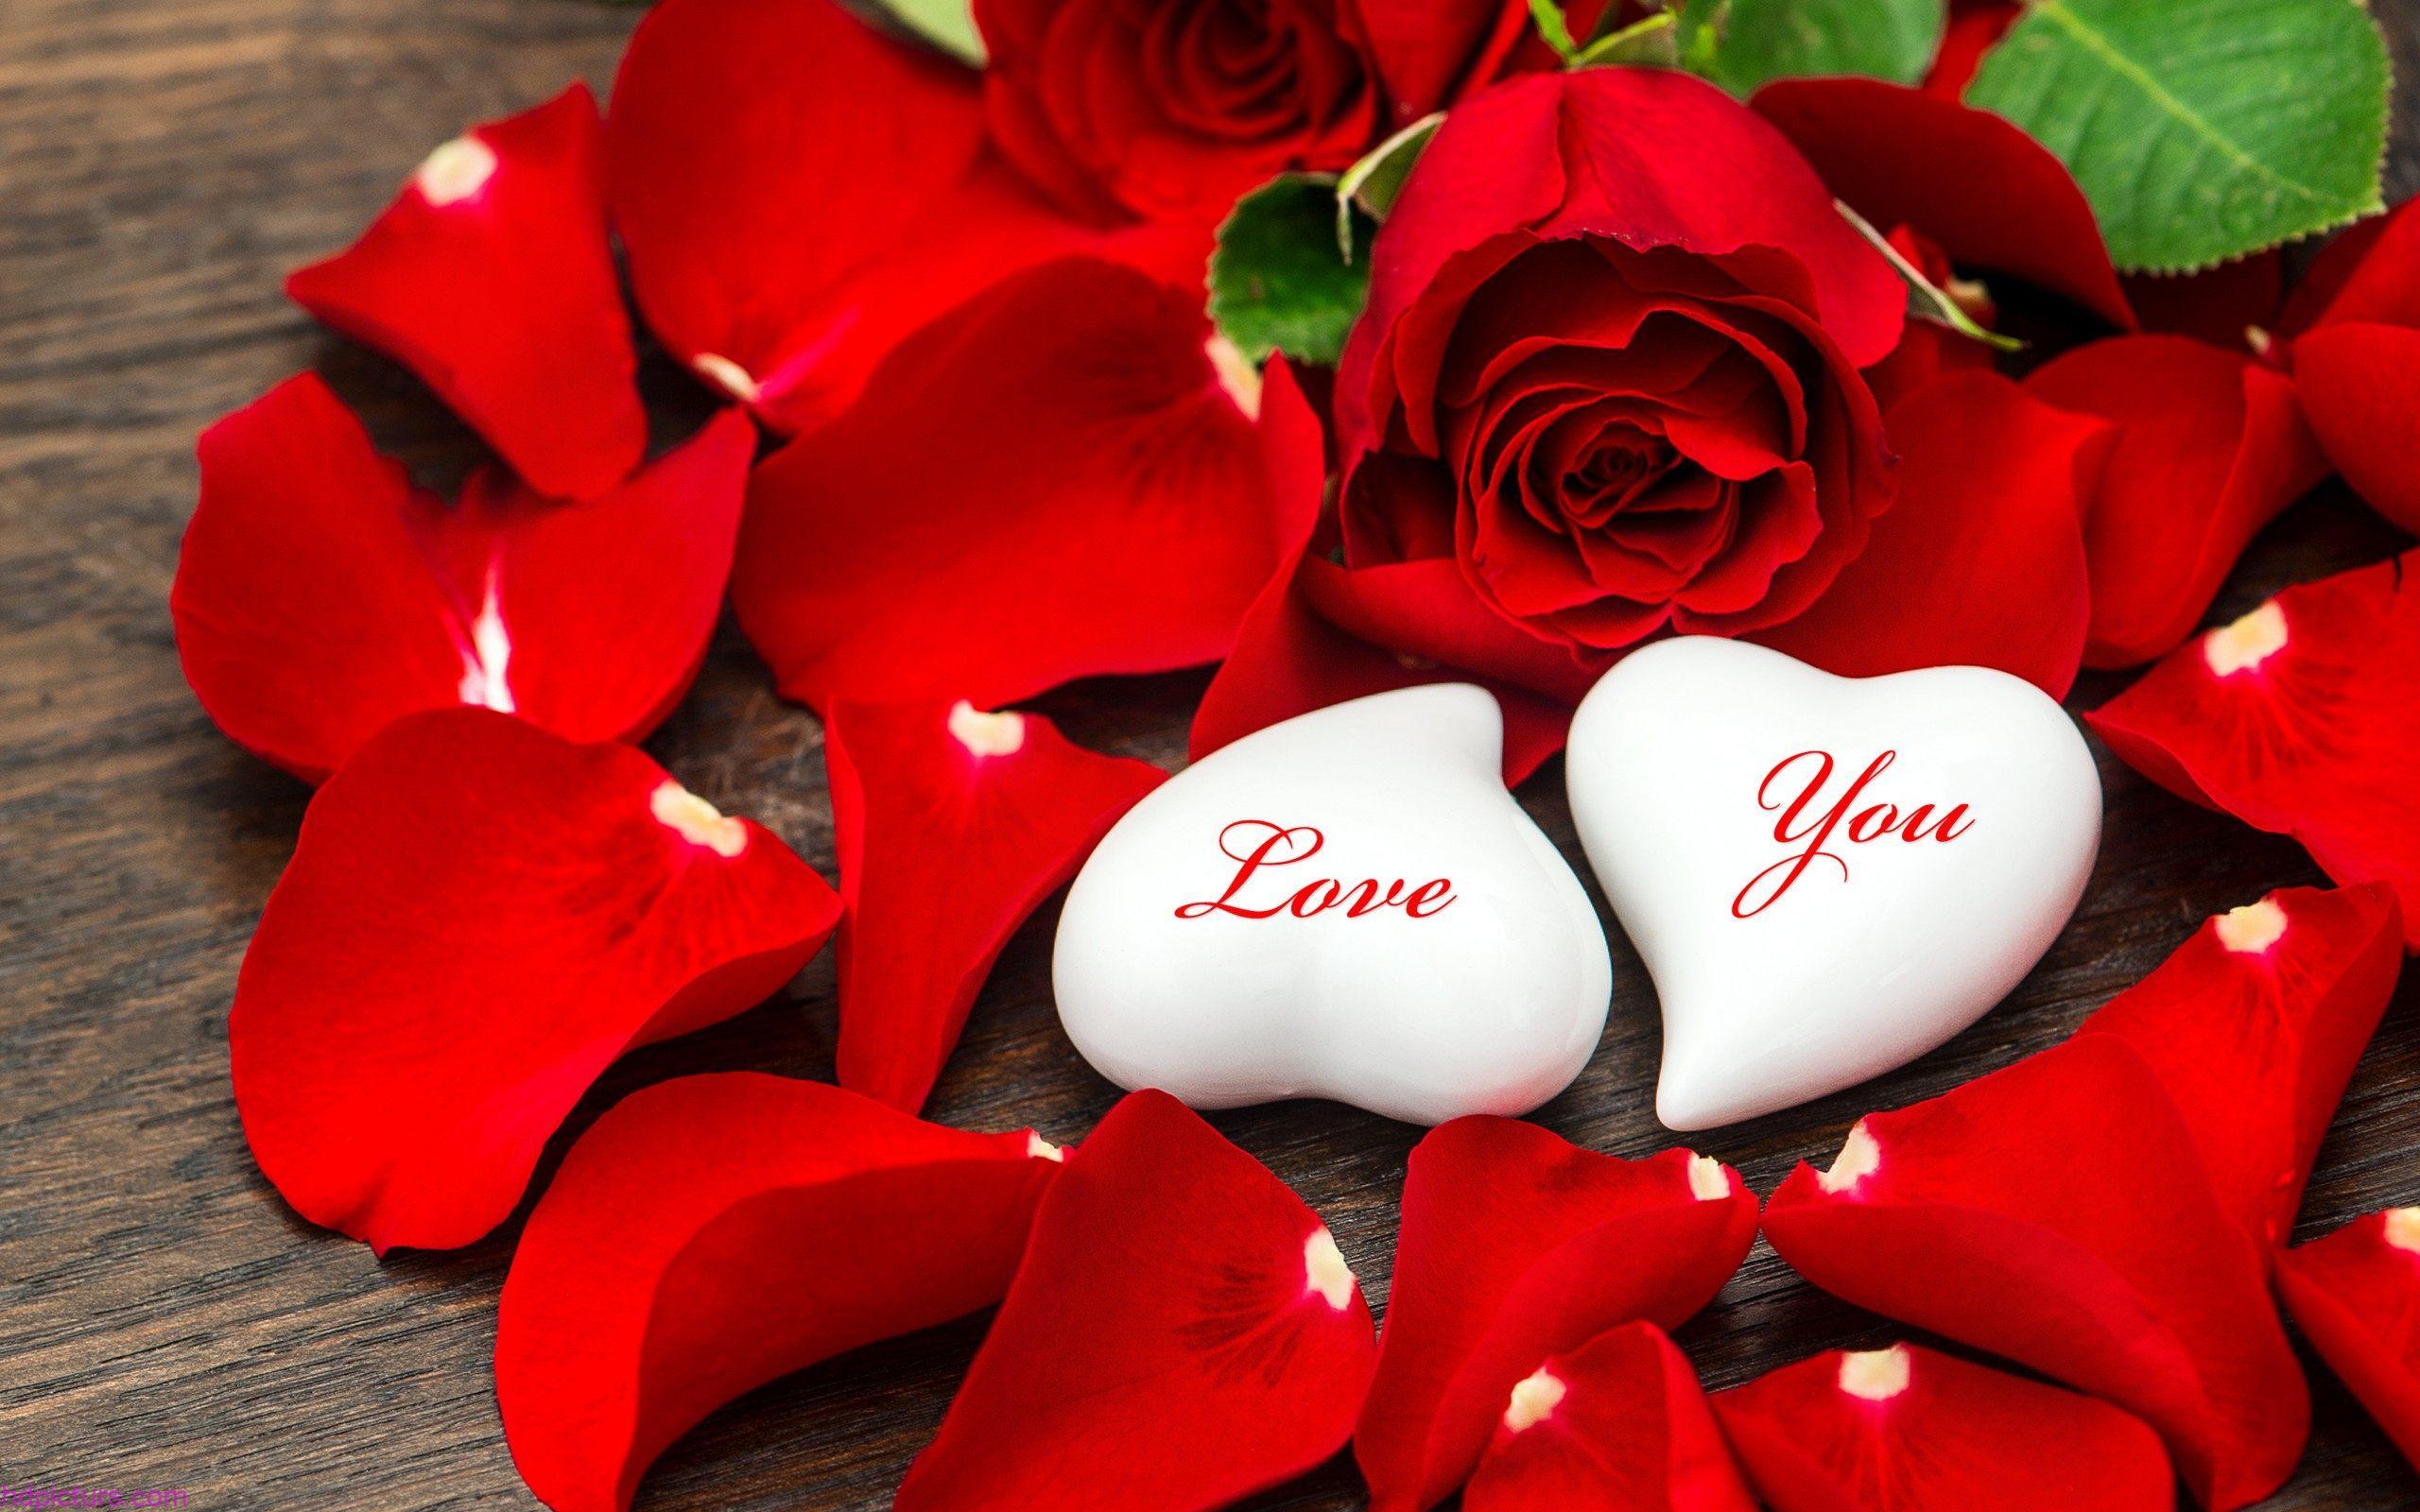 صورة صور اجمل صور حب جديدة احلى صور حب وعشق , عالم الحب والجنون